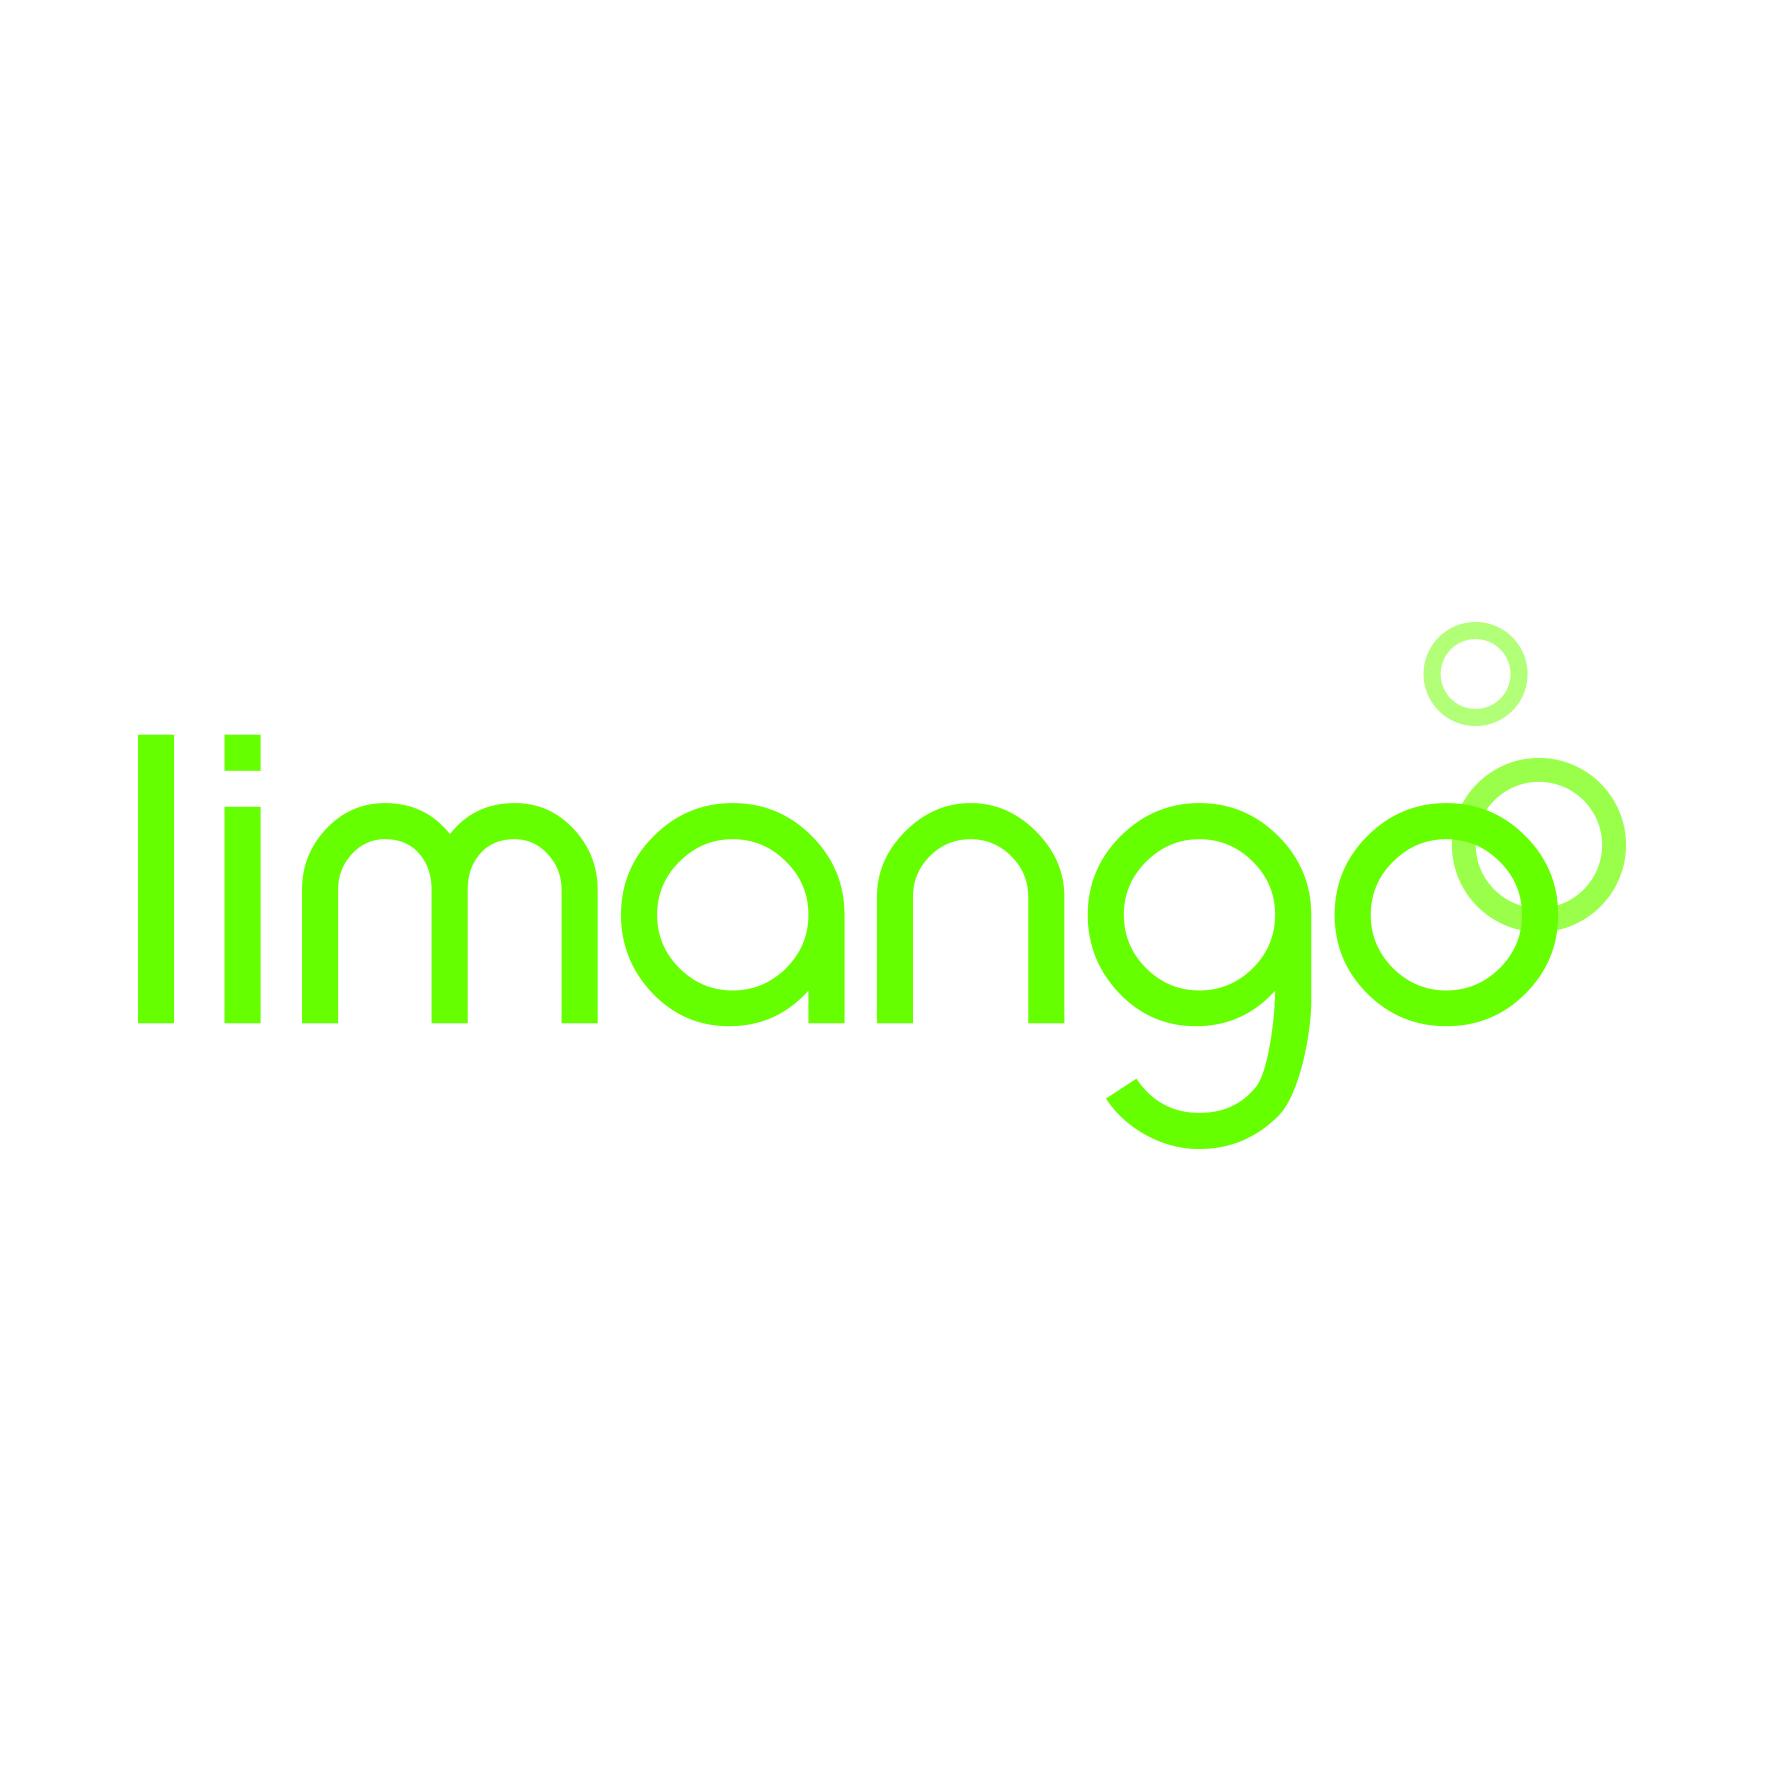 limango-gruen-4c